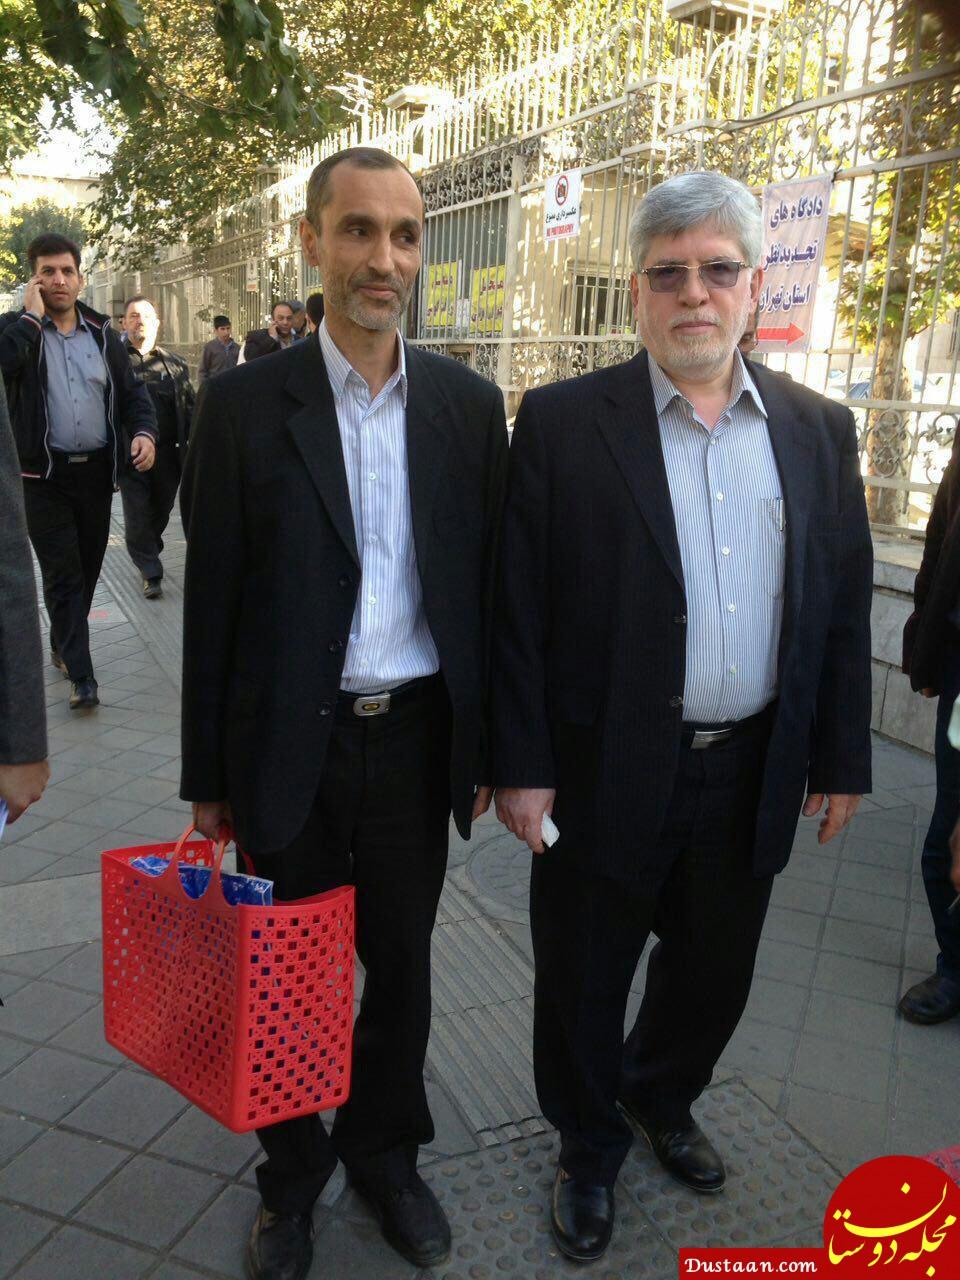 تصادفی که معاون احمدی نژاد را لو داد